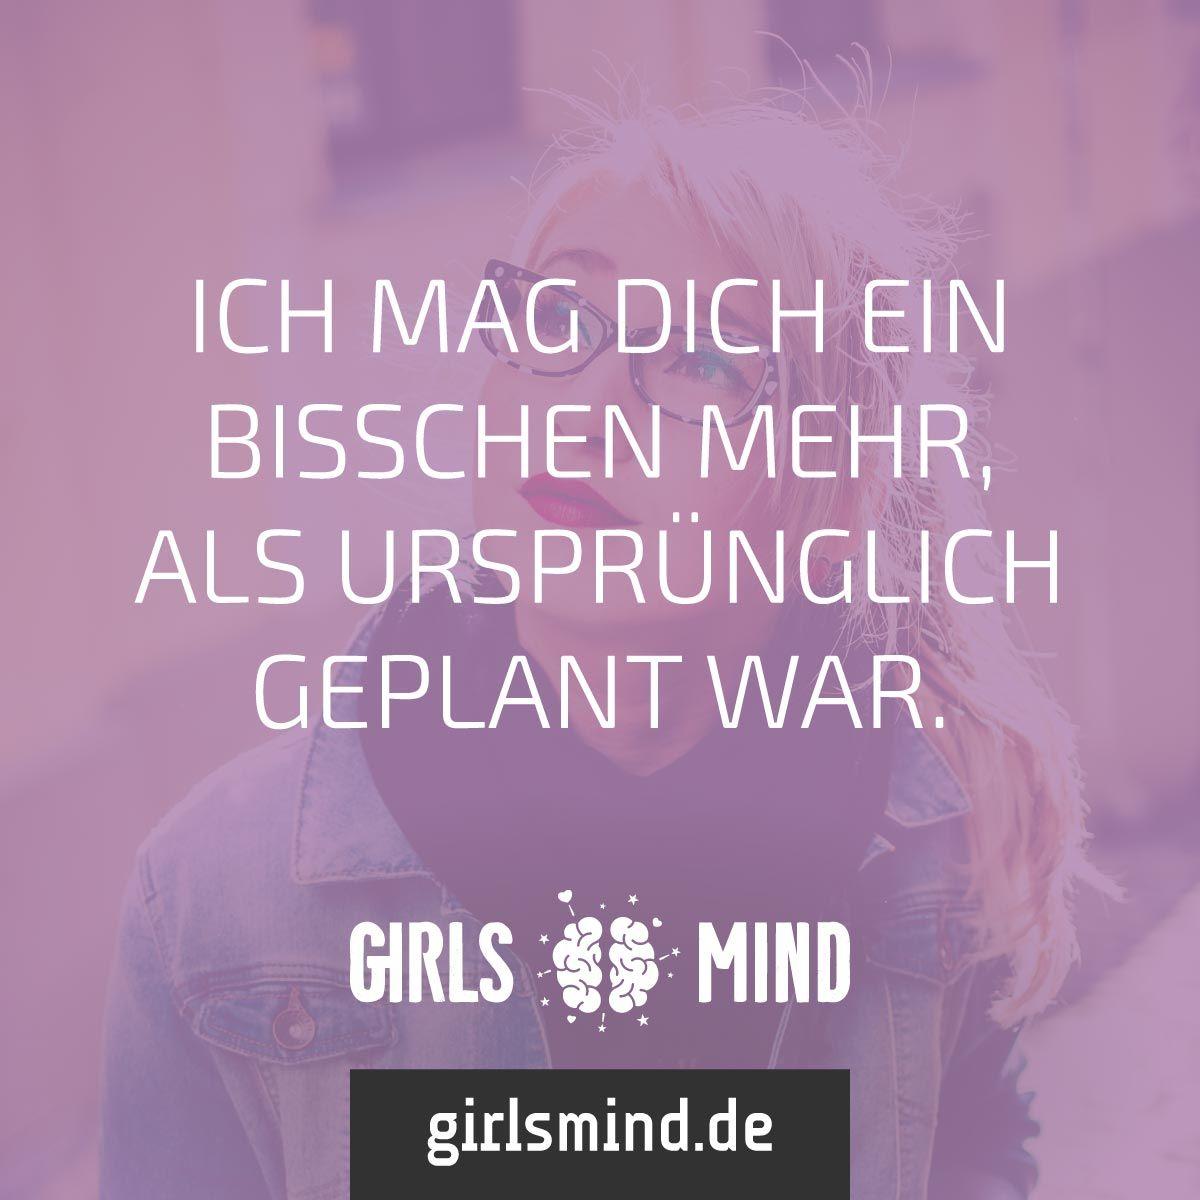 Mehr Sprüche auf: www.girlsmind.de #mögen #verliebt #plan #geplant ...